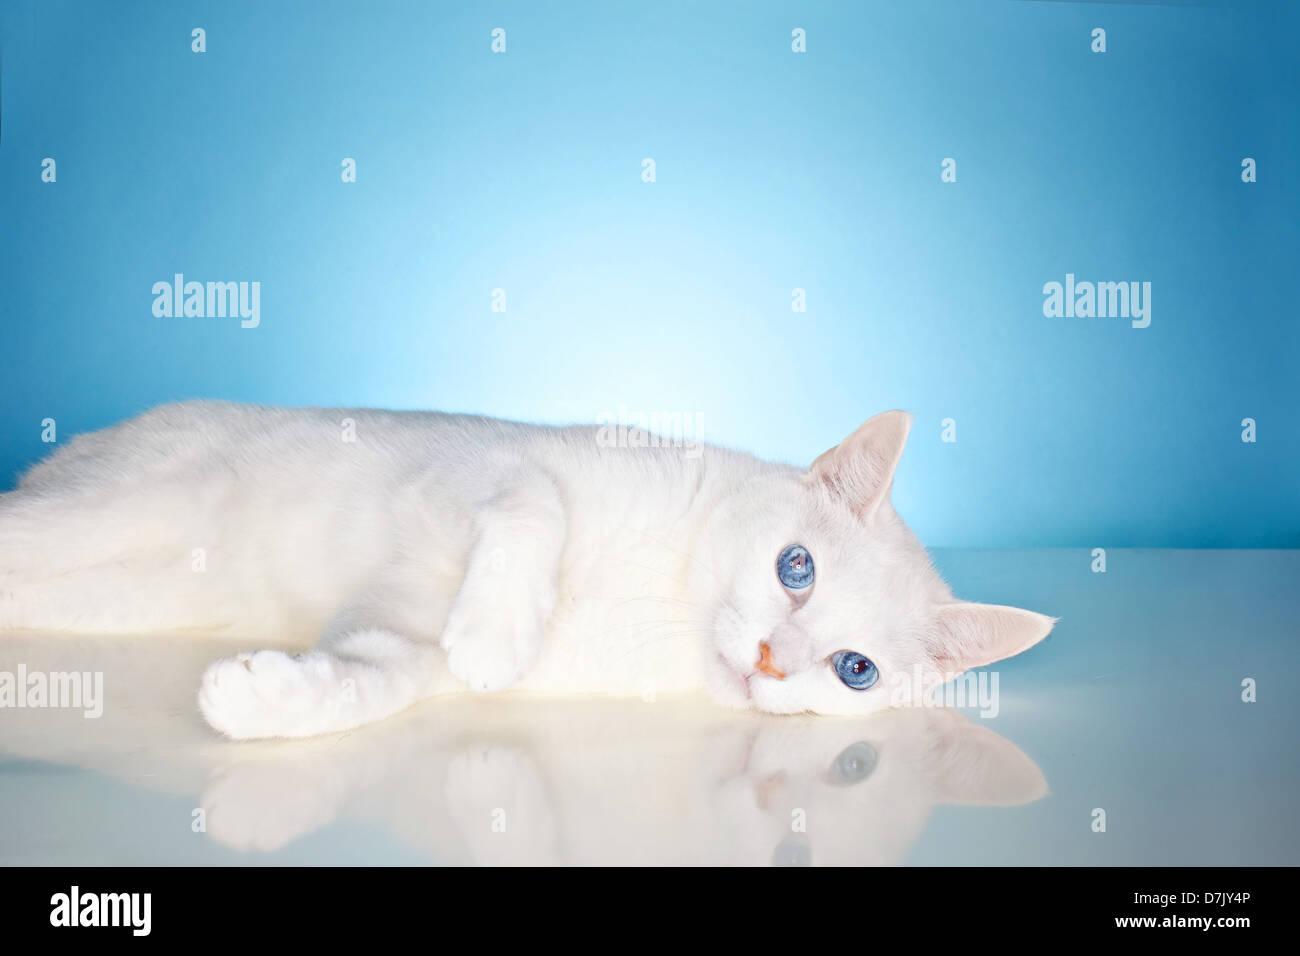 Precioso gatito blanco puro con china ojos azules mirando a la cámara frente al azul de fondo studio Imagen De Stock